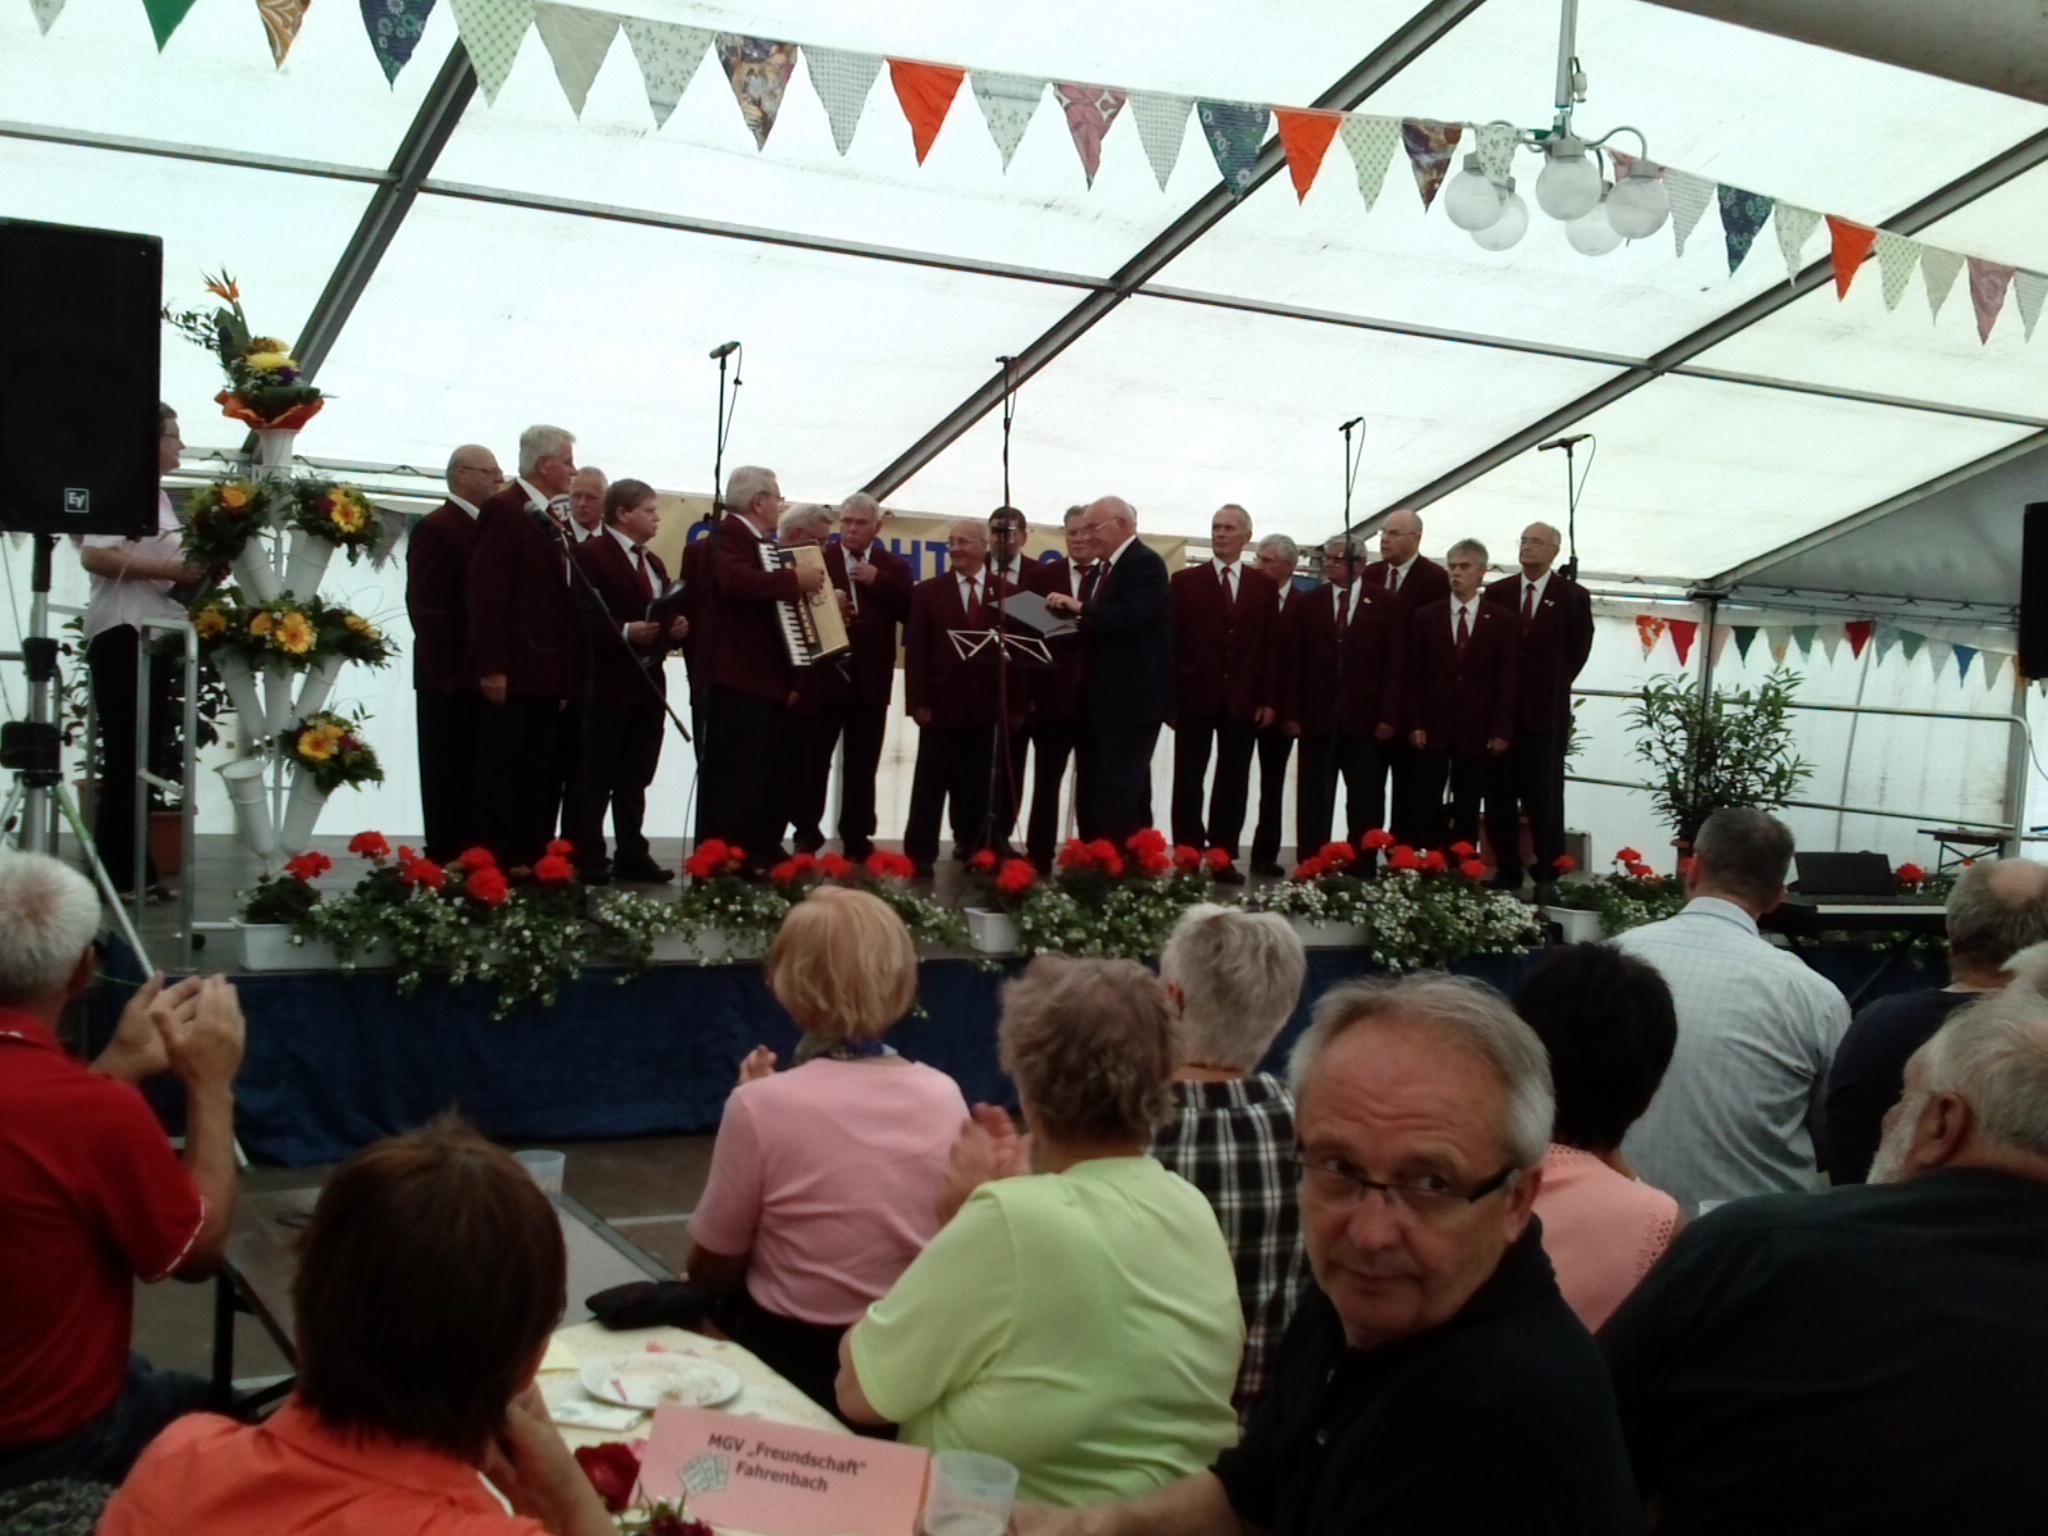 Chorauftritt-bei-Dorffest-und-Chorjubilaeum-Heiligengrabe-2013